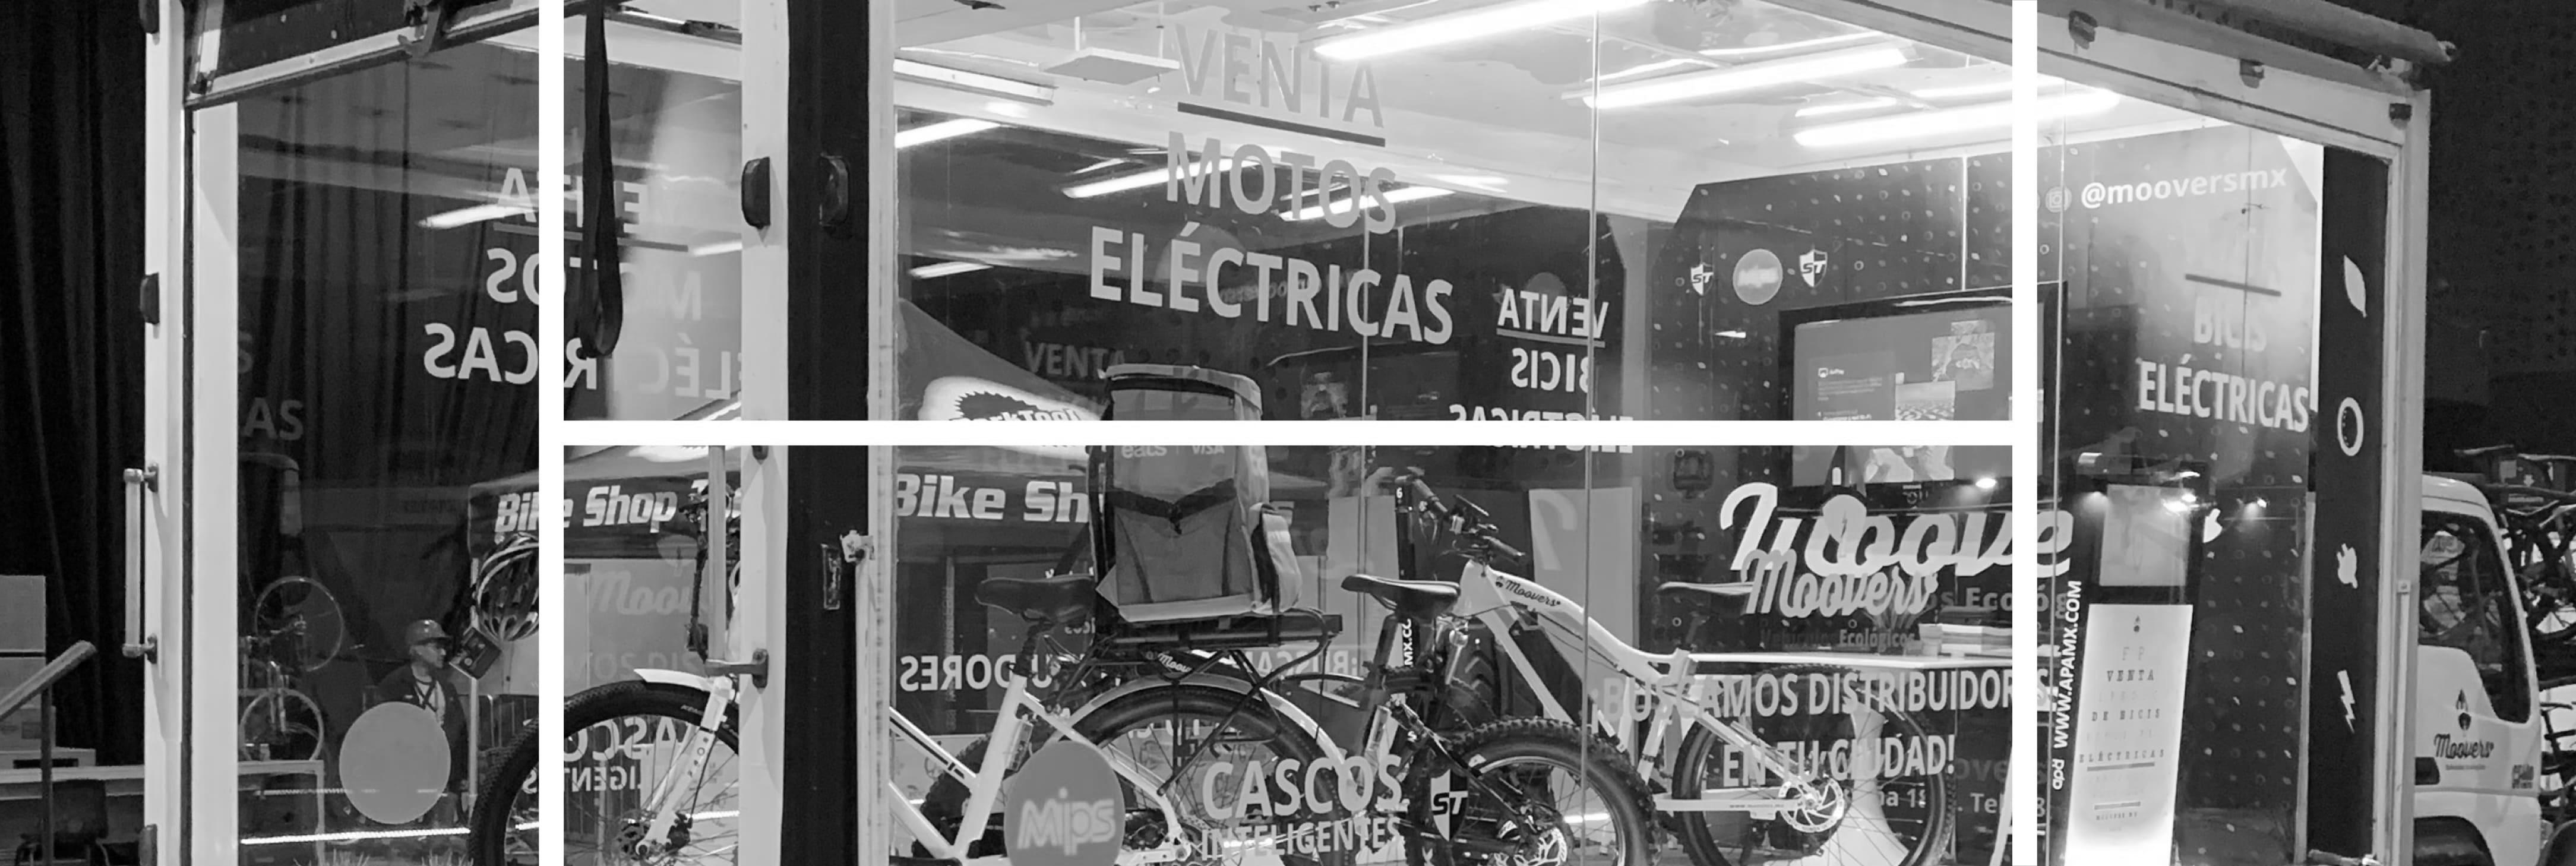 Venta scooters electricos en Cdmx